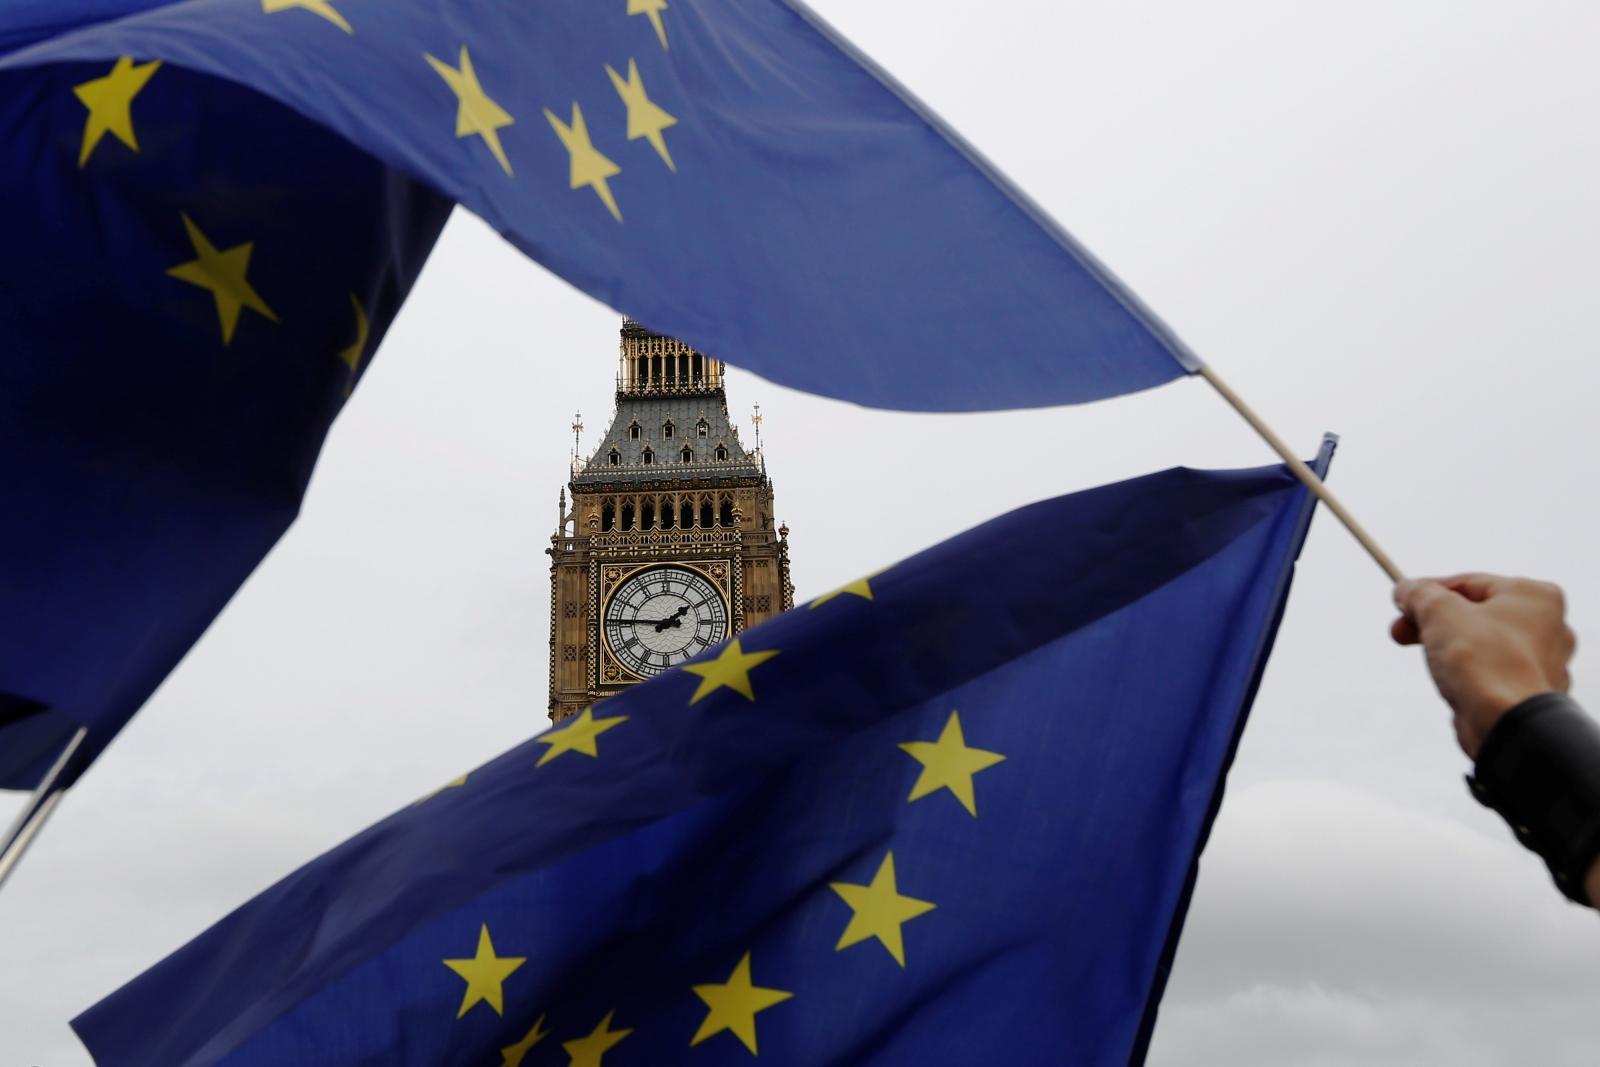 EU flags Big Ben